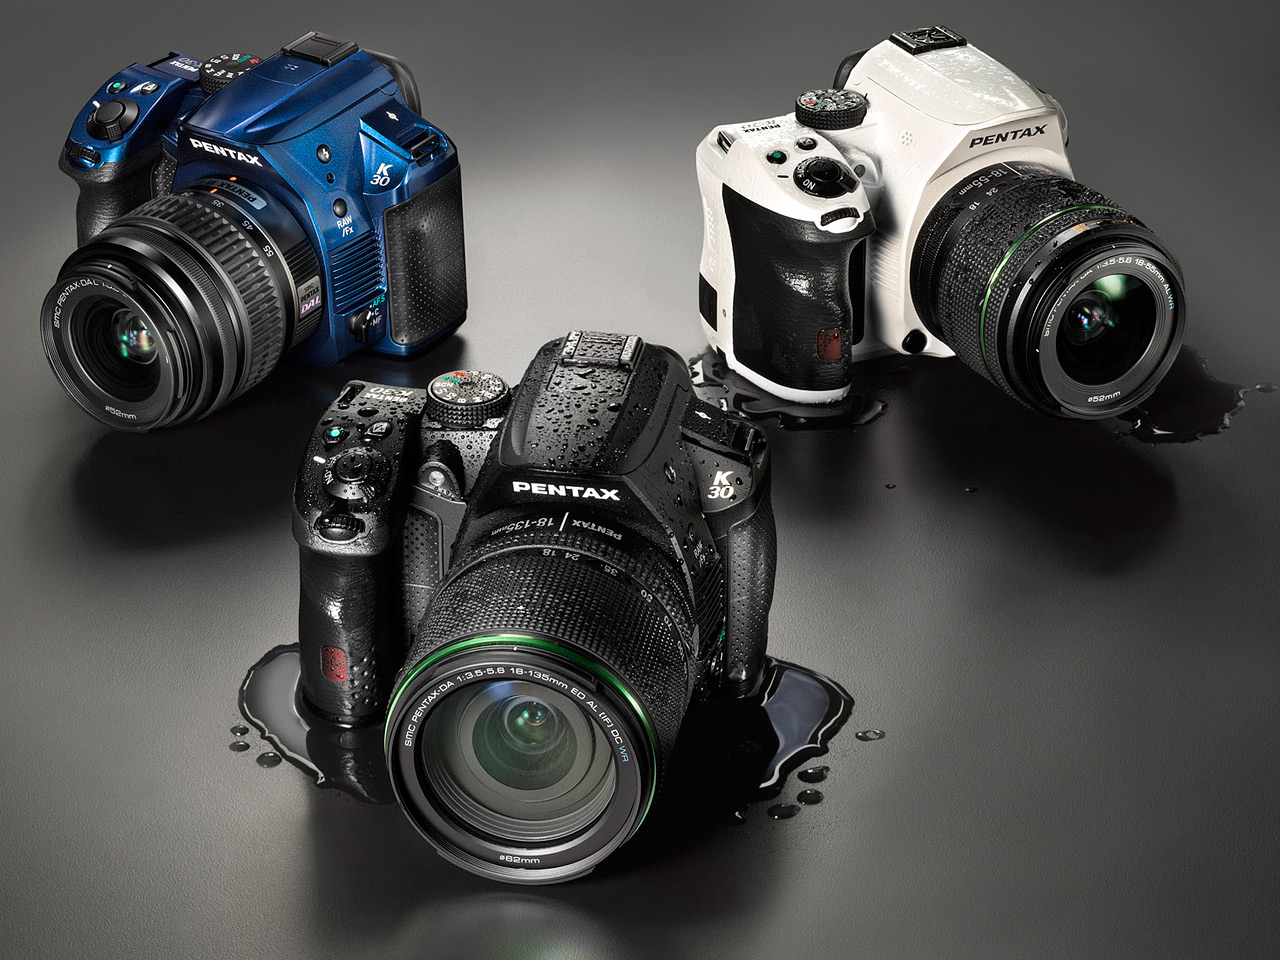 Camera Weather Sealed Dslr Cameras pentax k 30 16mp weather sealed mid level dslr previewed digital introduces new slr camera